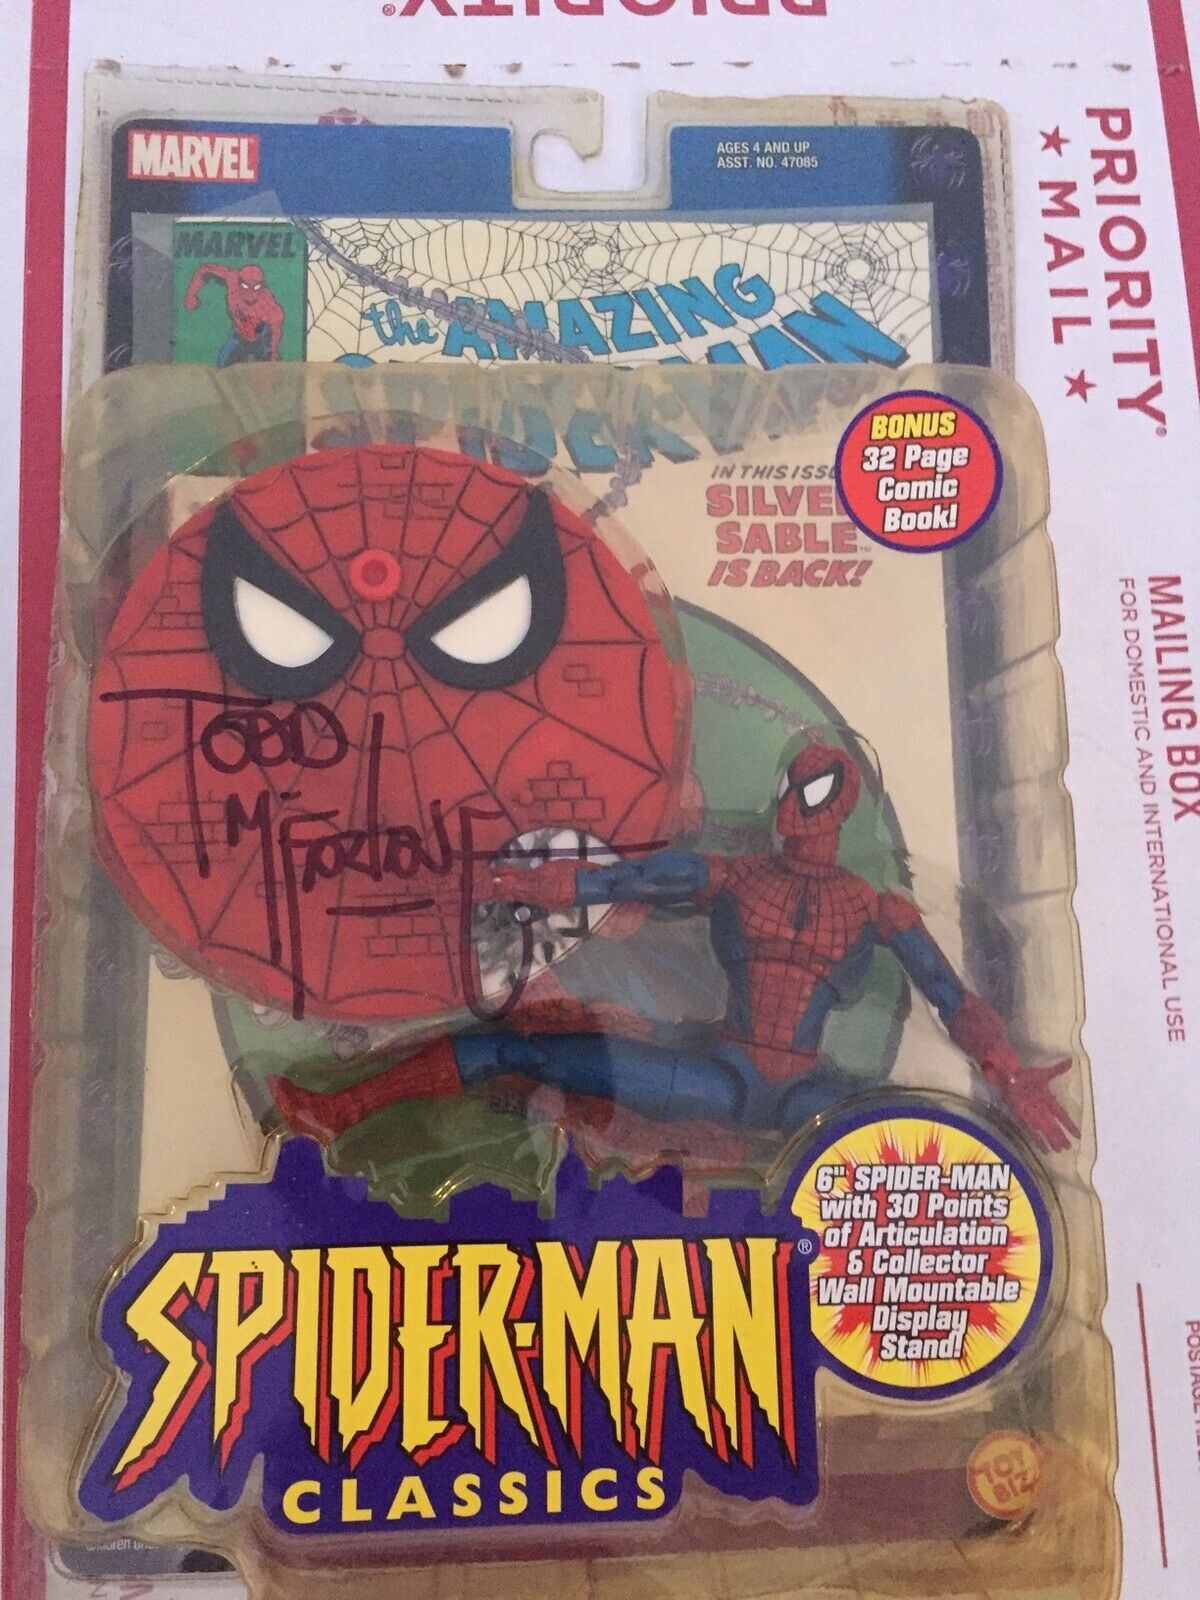 Marvel Legends Spiderman Signed Todd Mcfarlane At SDCC 2019 Copy 301 Spider-Man